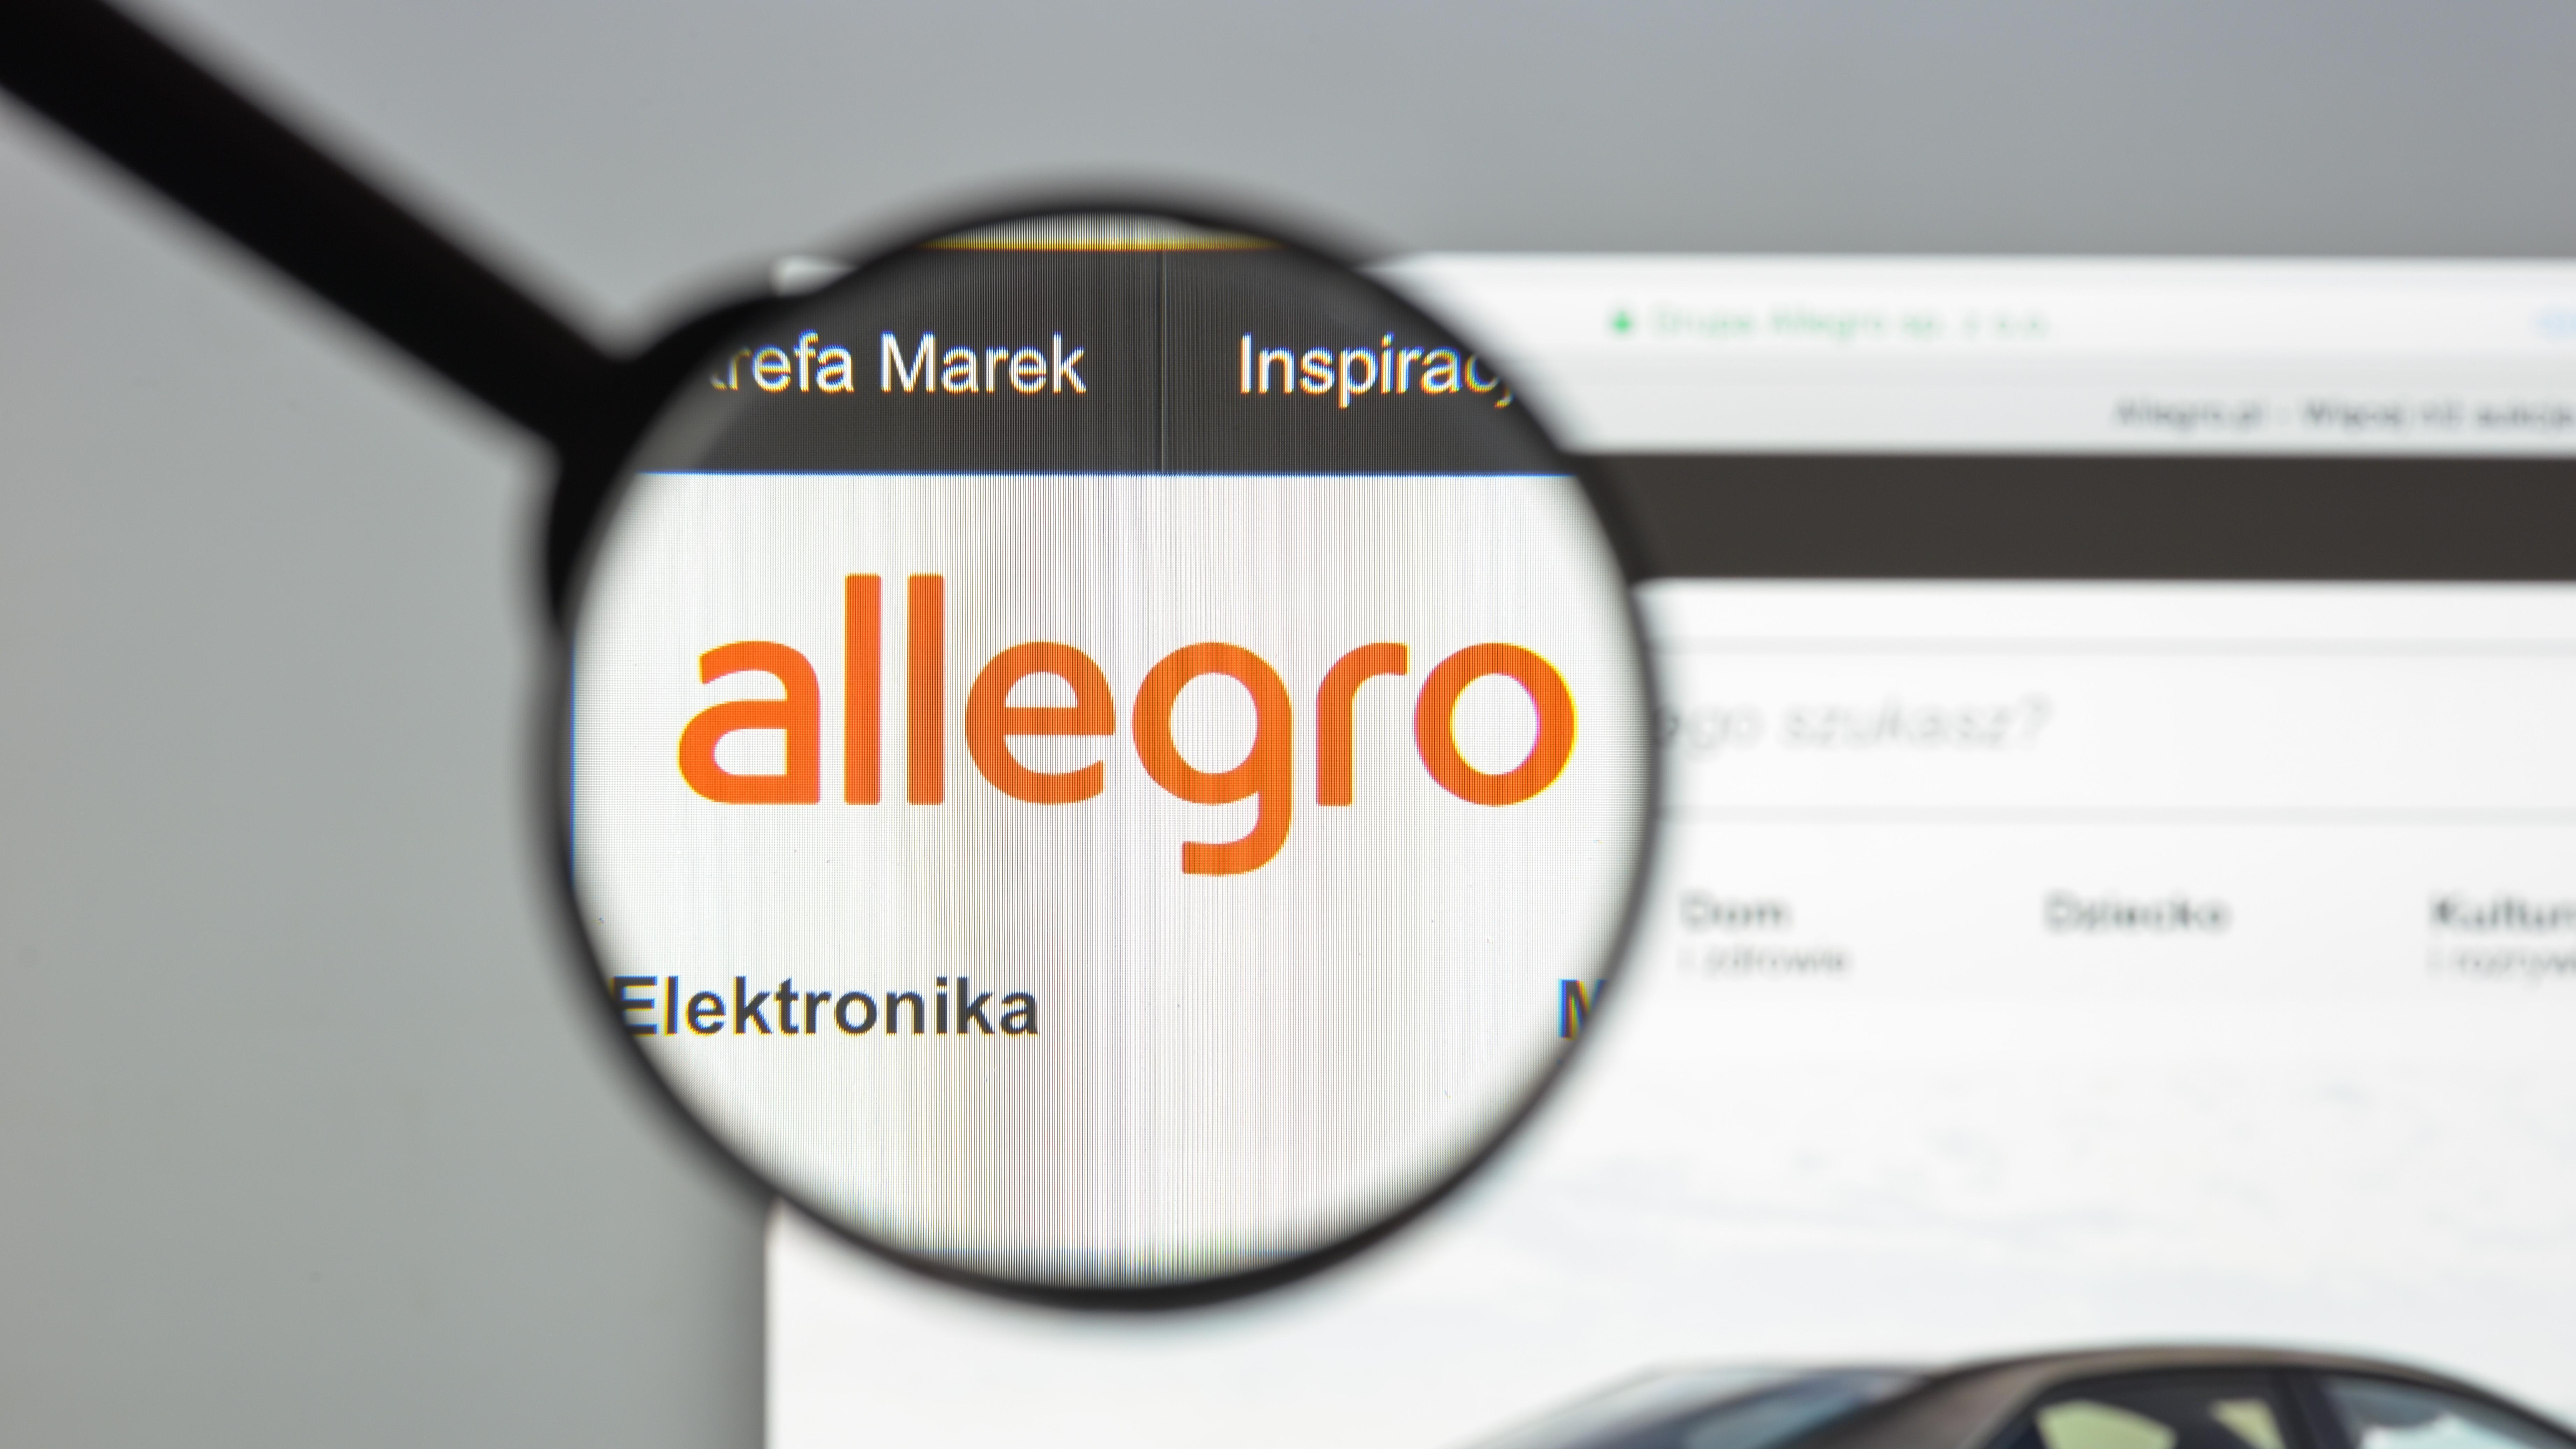 Allegro Inwestuje We Wlasne Automaty Paczkowe Wiemy Kiedy Zostana Uruchomione